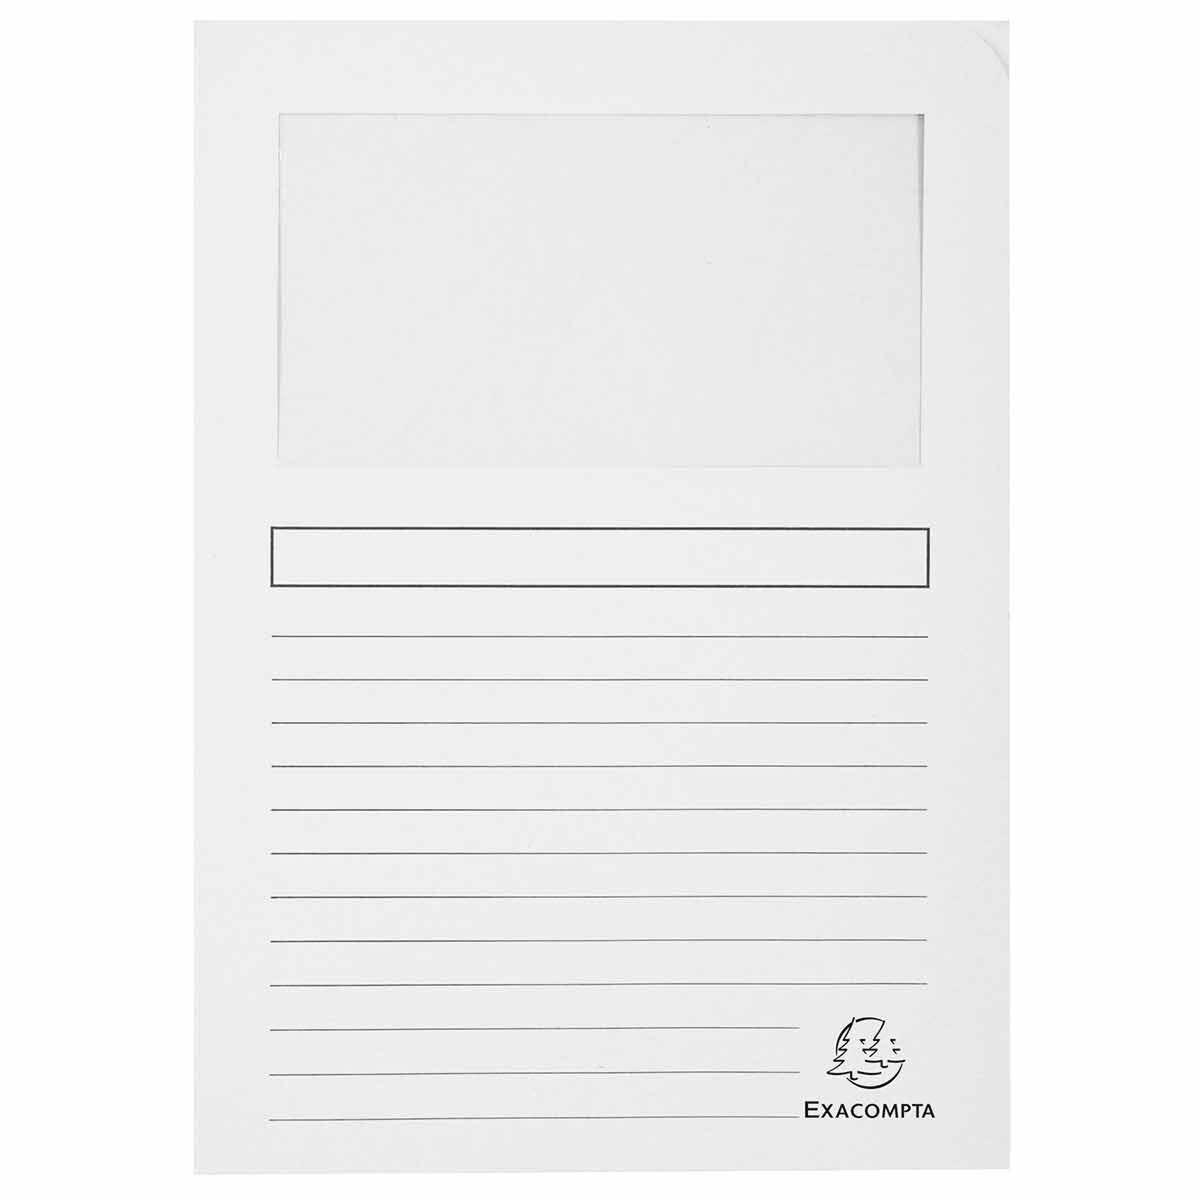 Exacompta Forever Window Folder White Pack of 25